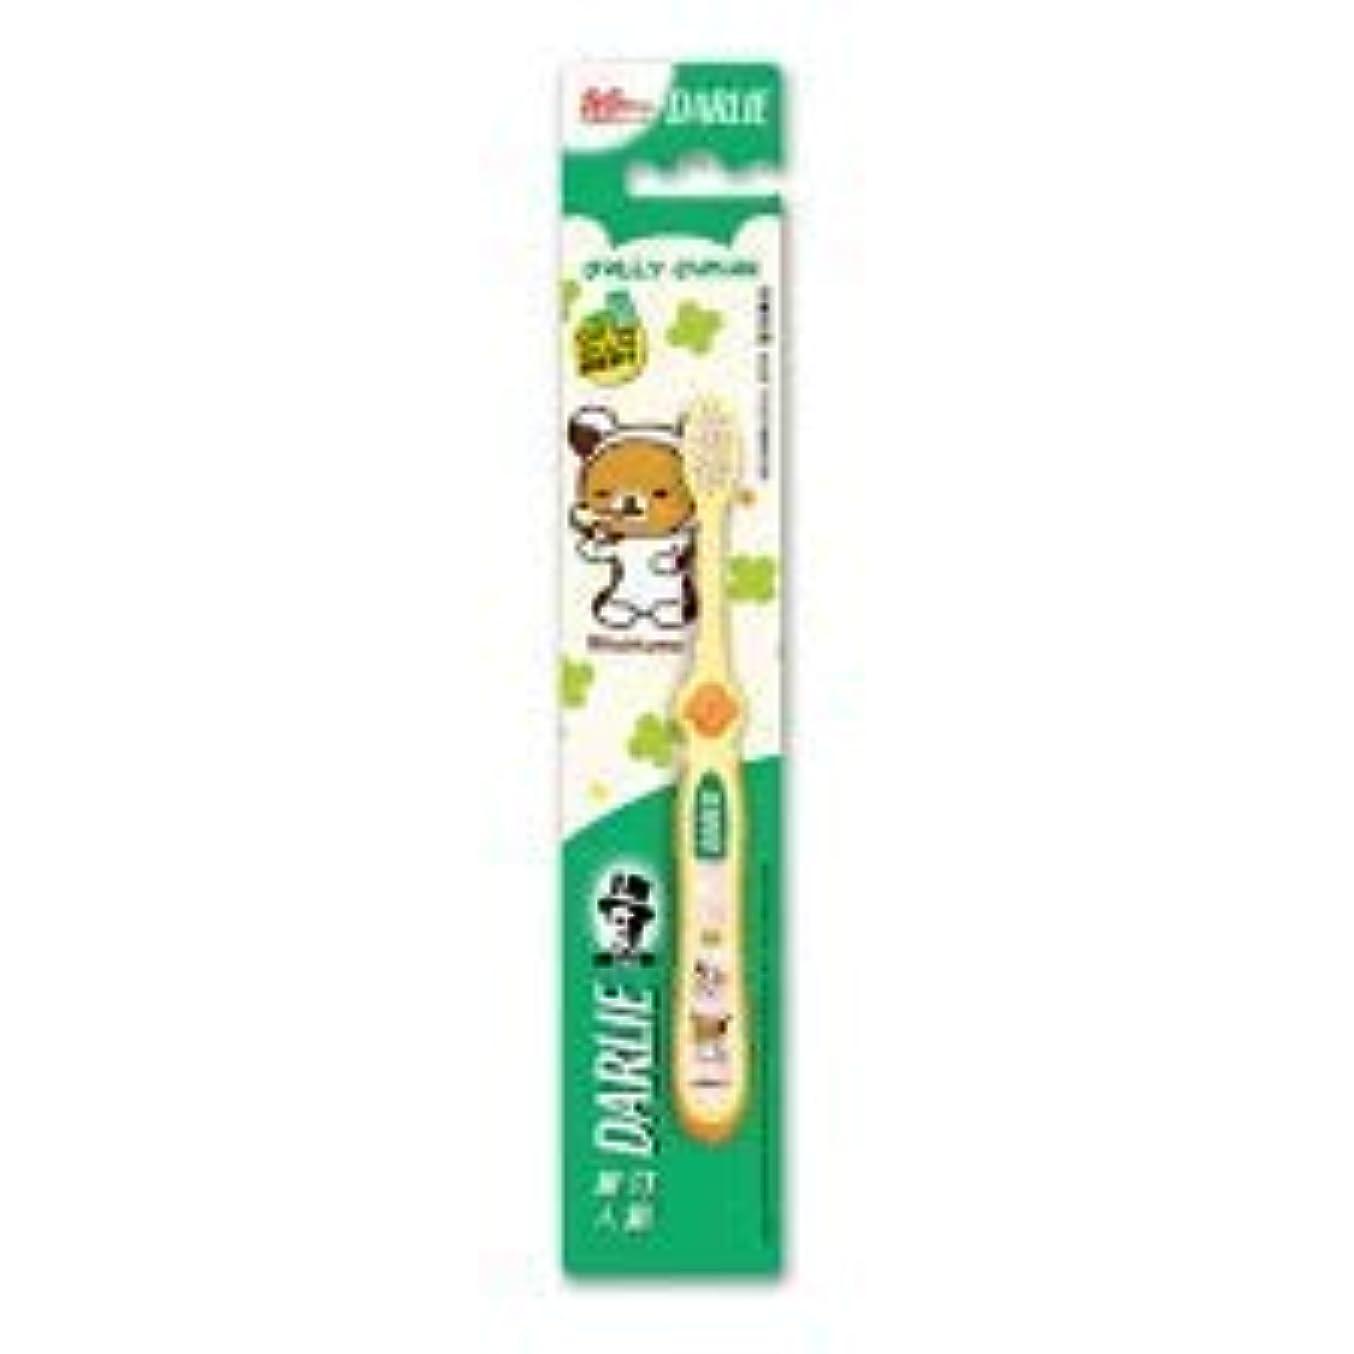 うなる石鹸疑わしいDARLIE メリージュニア2-6歳歯ブラシ - ジェントル歯茎と歯のエナメル質は良好な洗浄を持っています